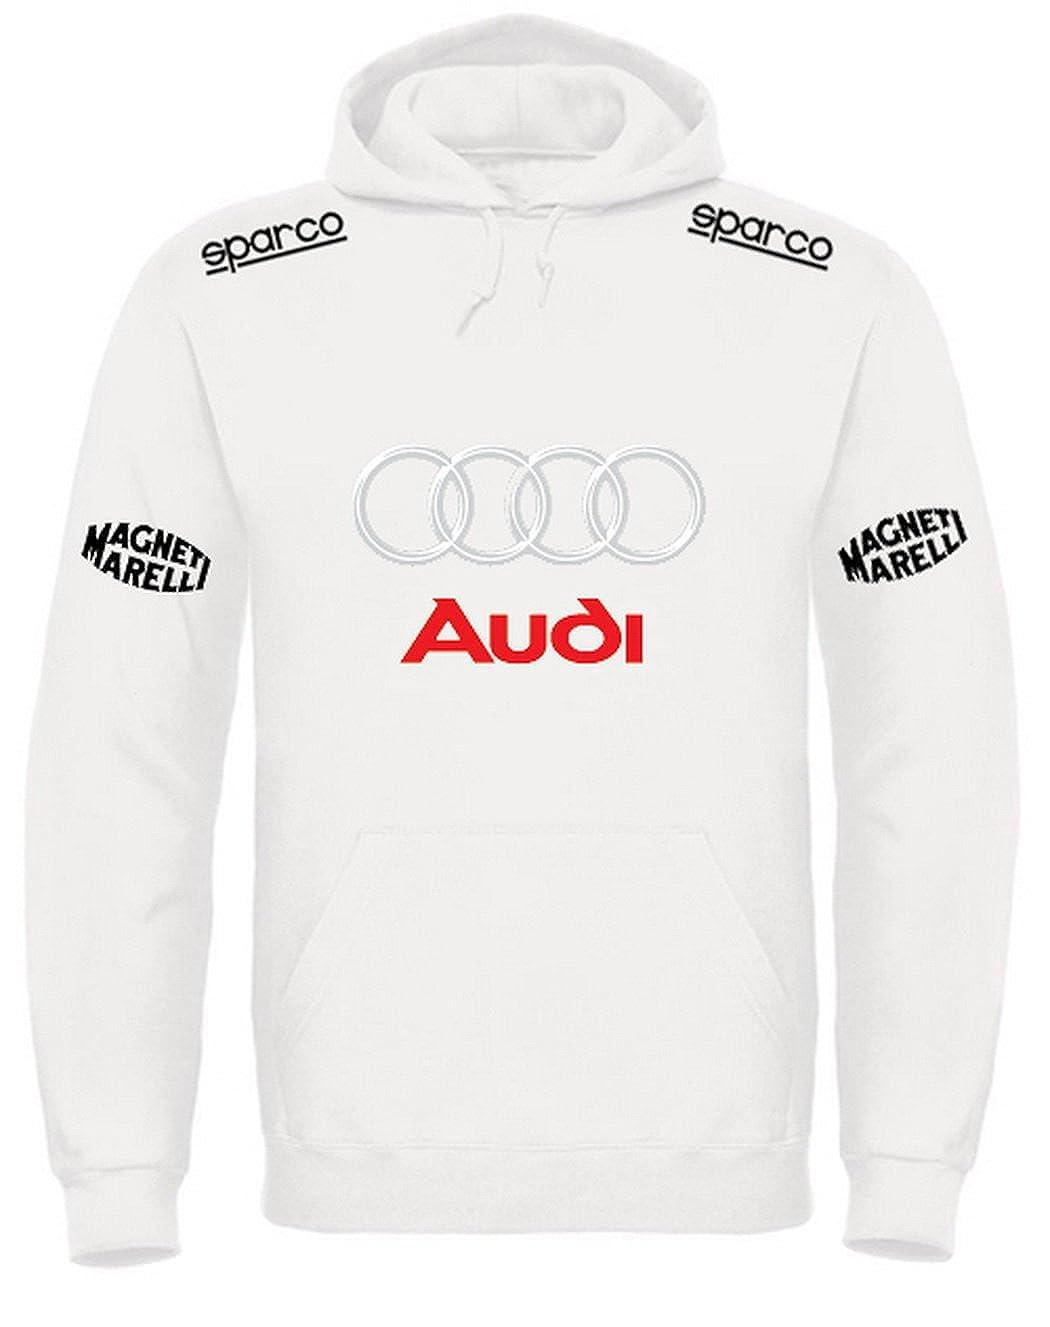 Print /& Design Felpa con Cappuccio Audi Personalizzata Bianca